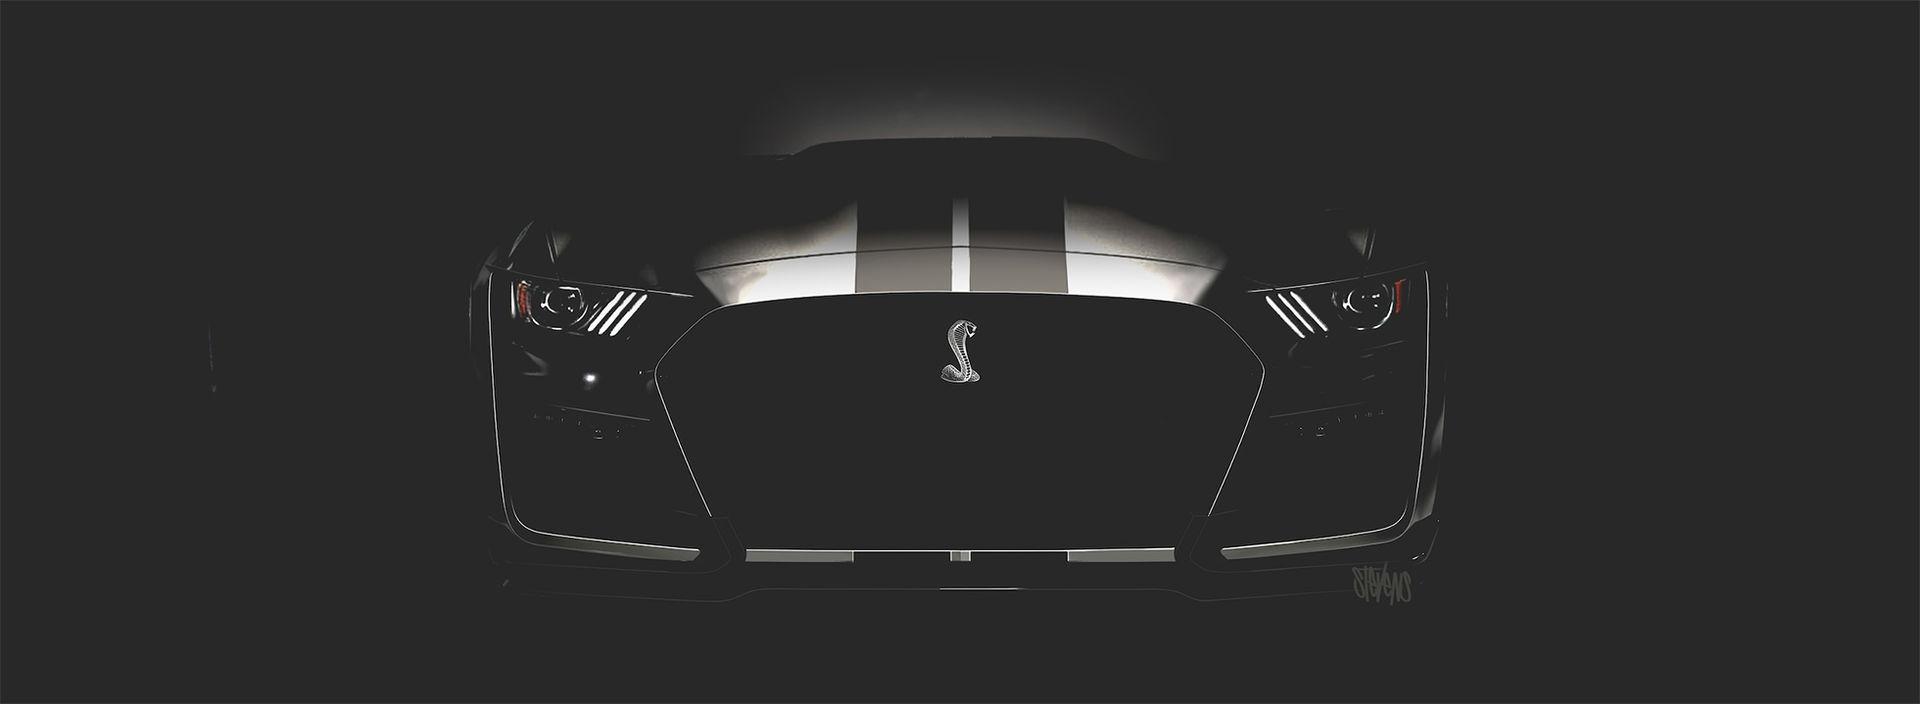 Det här är nyllet på nya Ford Mustang Shelby GT500